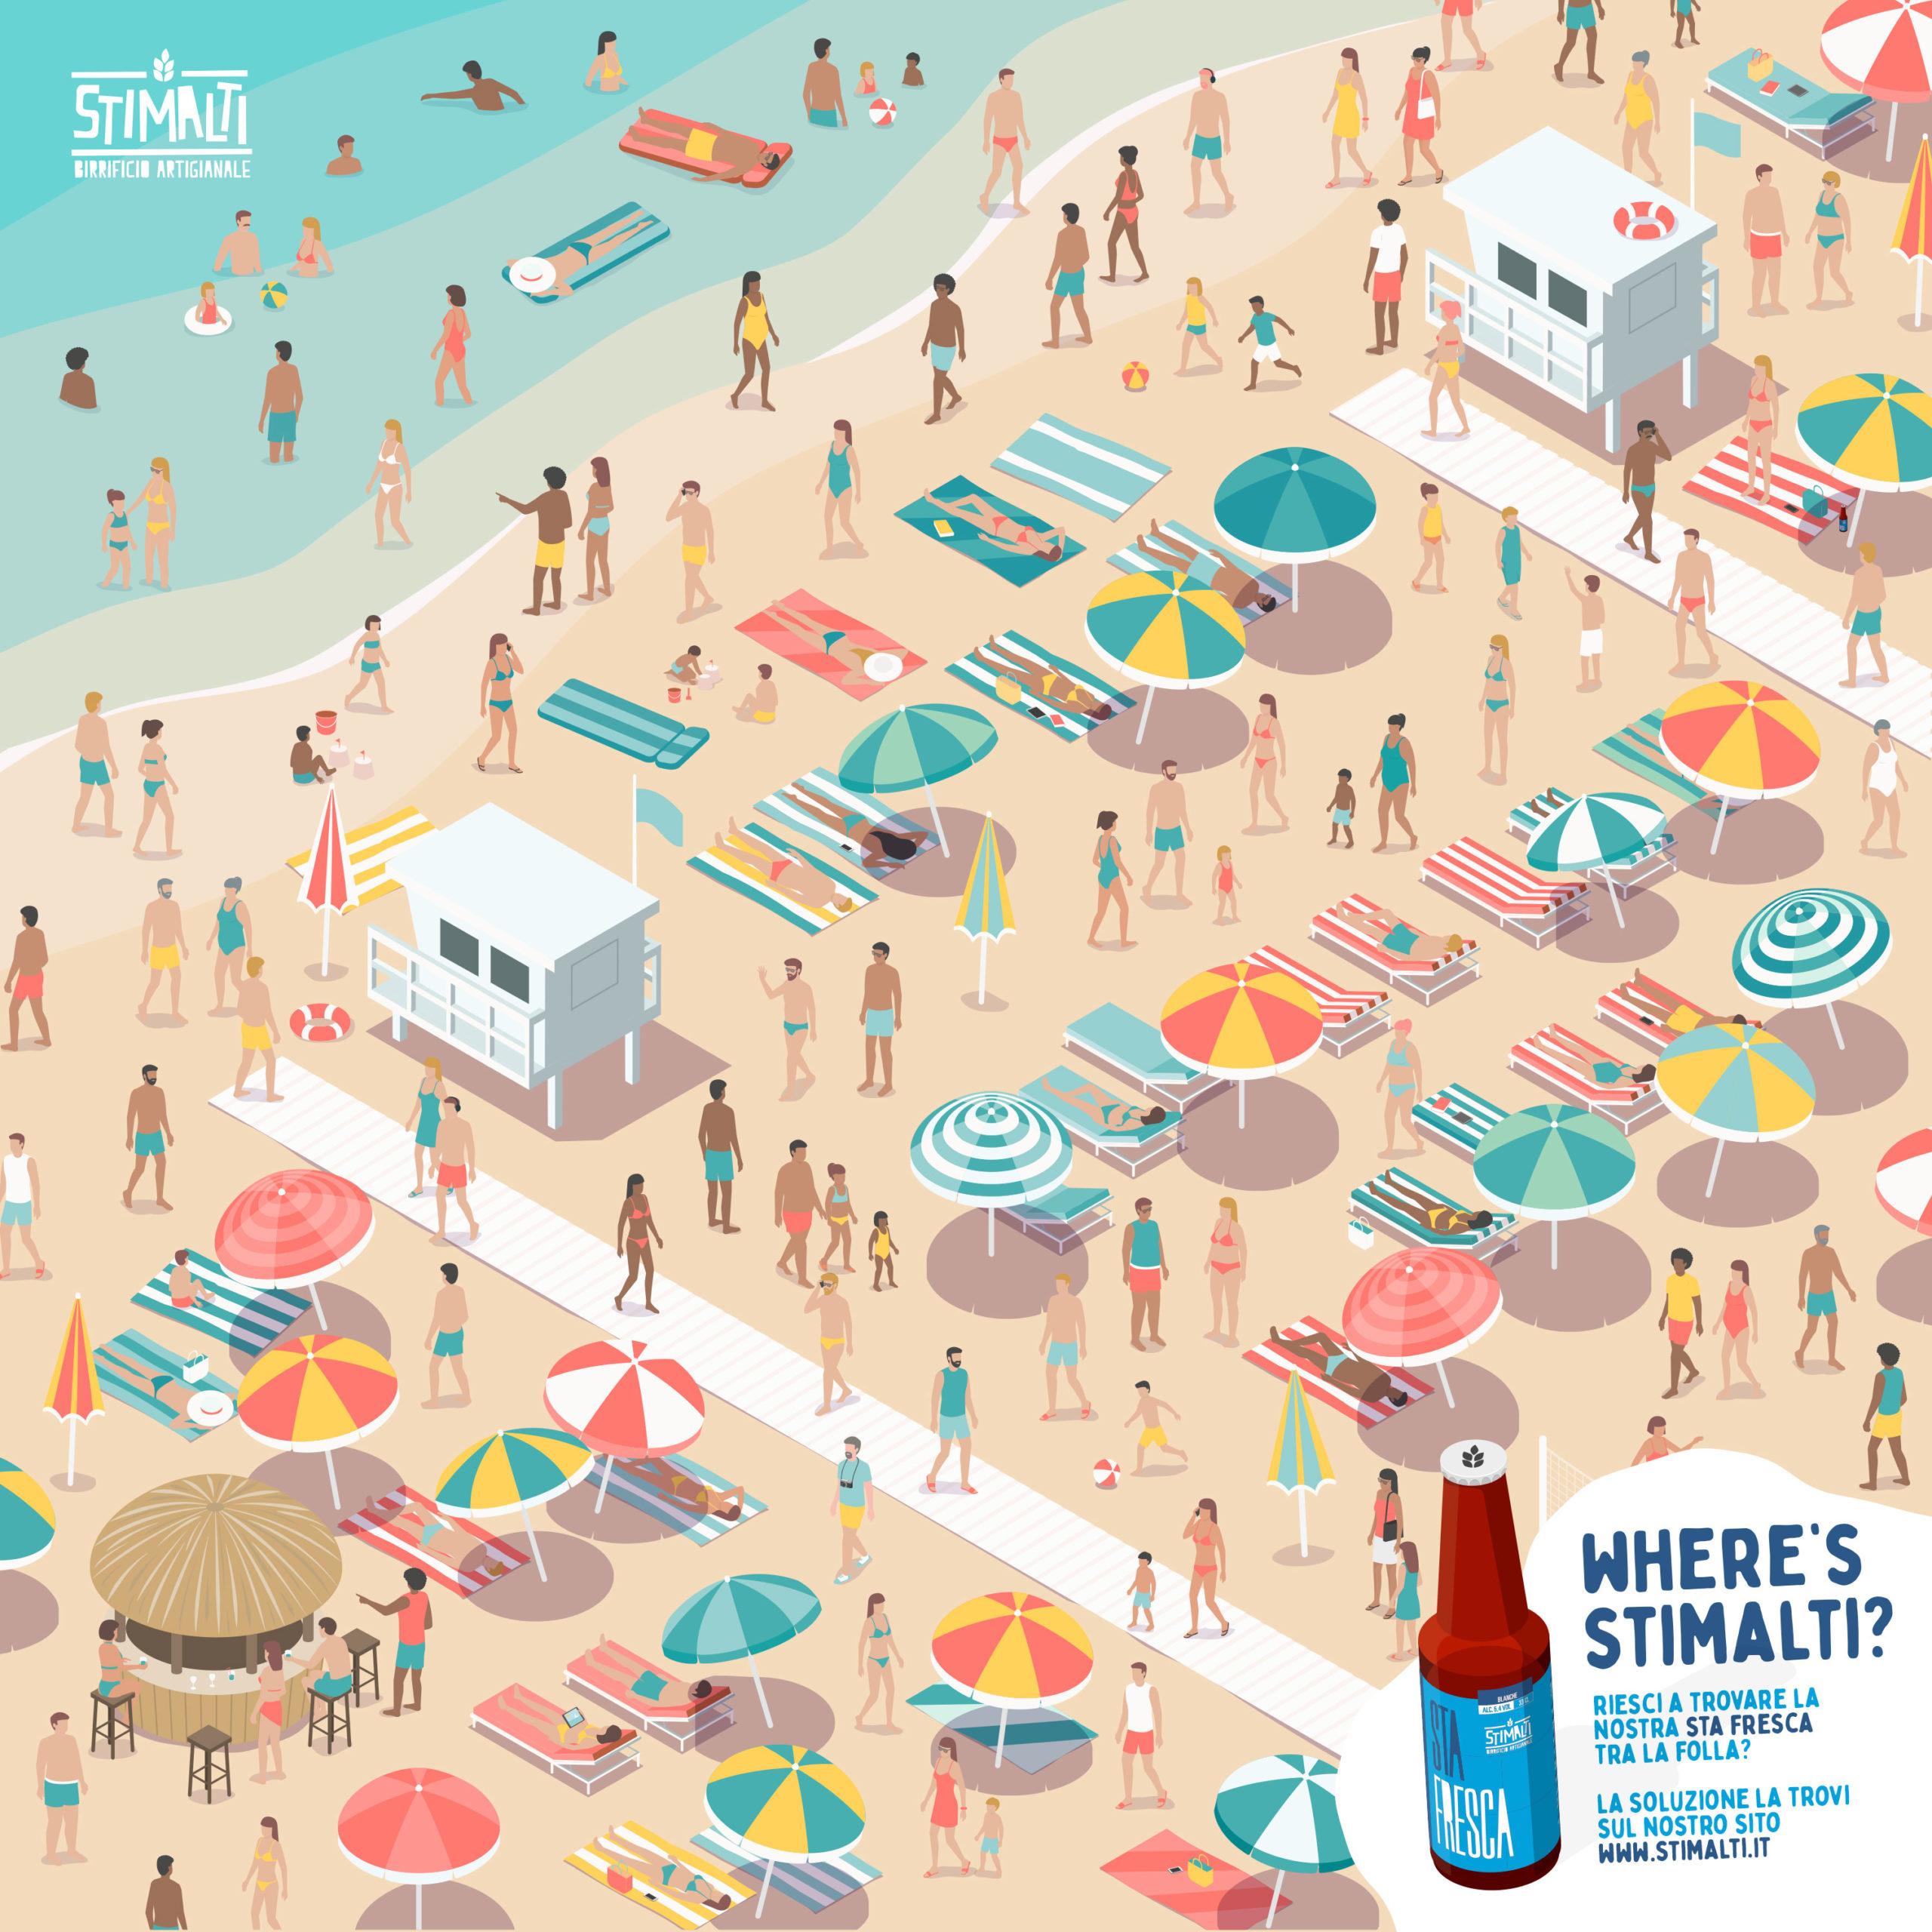 Soluzione Where's Stimalti Summer Edition!